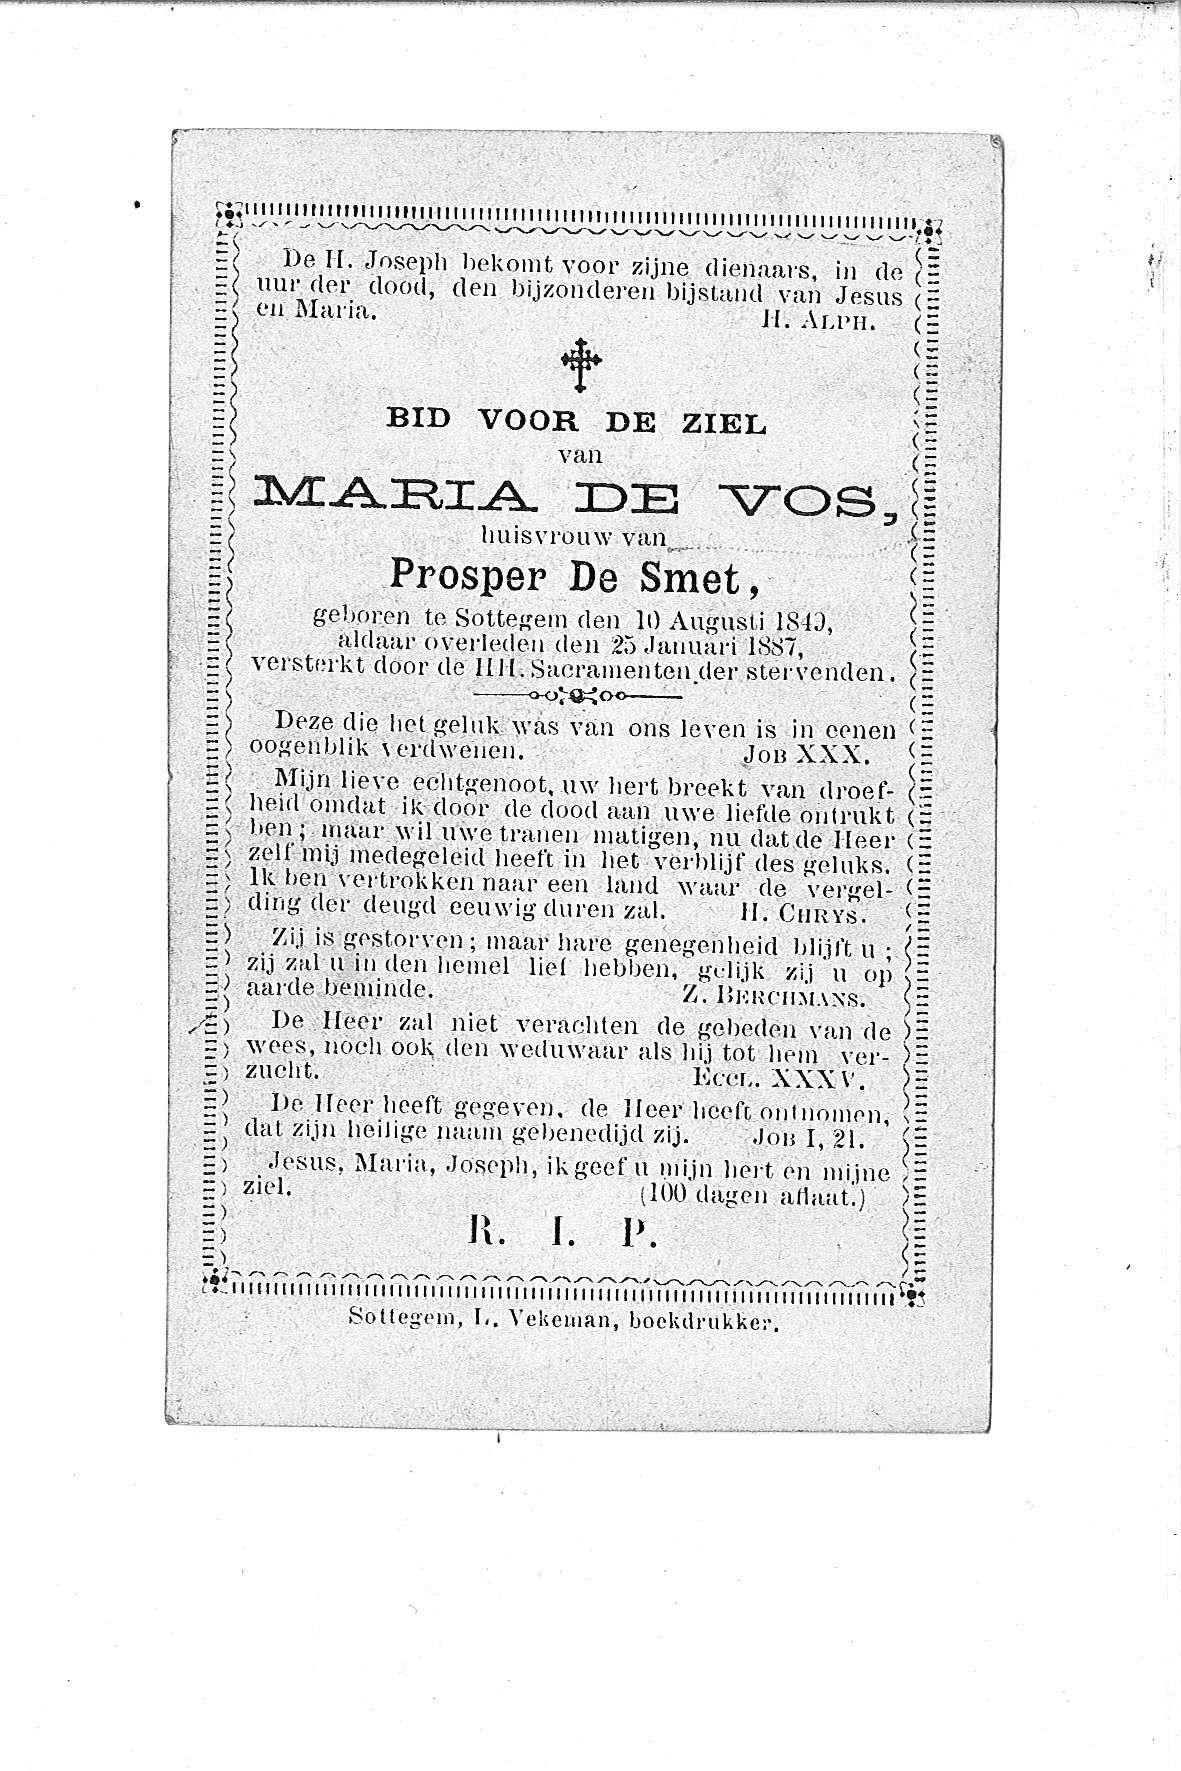 Maria (1887) 20120229111258_00224.jpg